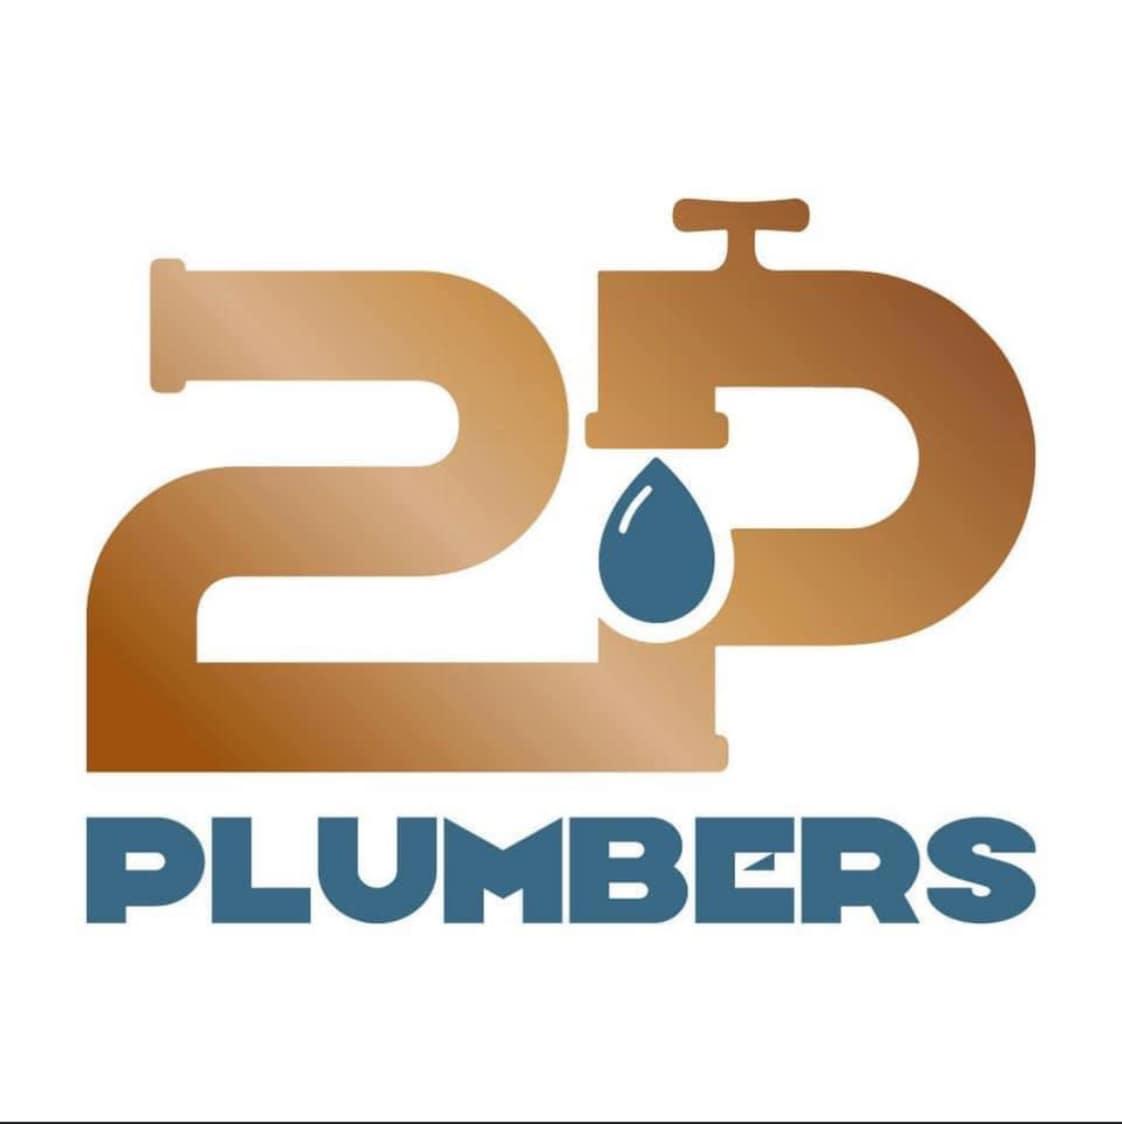 2 Plumbers, Inc.